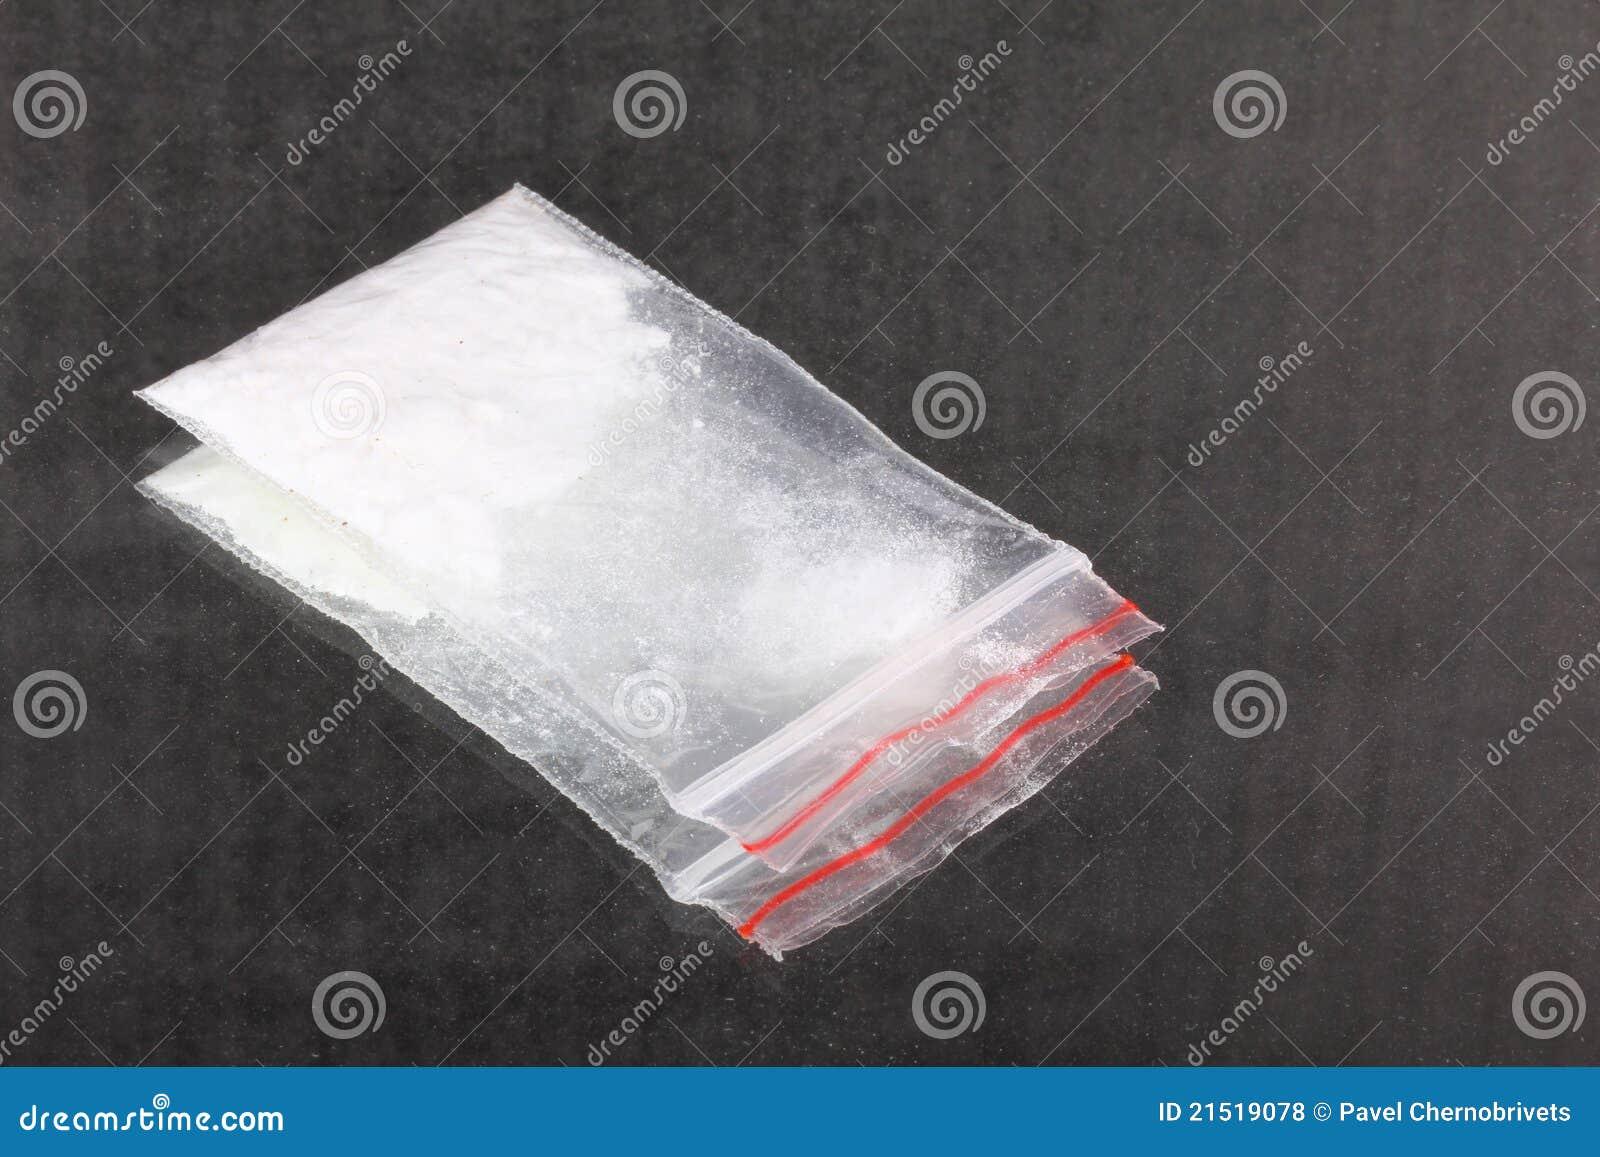 Cocaina in casella